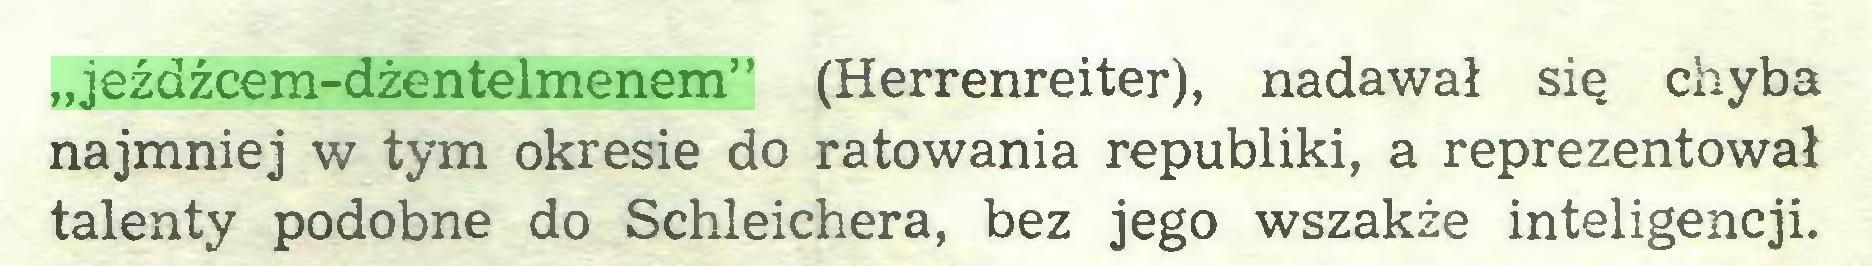 """(...) """"jeźdźcem-dżentelmenem"""" (Herrenreiter), nadawał się chyba najmniej w tym okresie do ratowania republiki, a reprezentował talenty podobne do Schleichera, bez jego wszakże inteligencji..."""